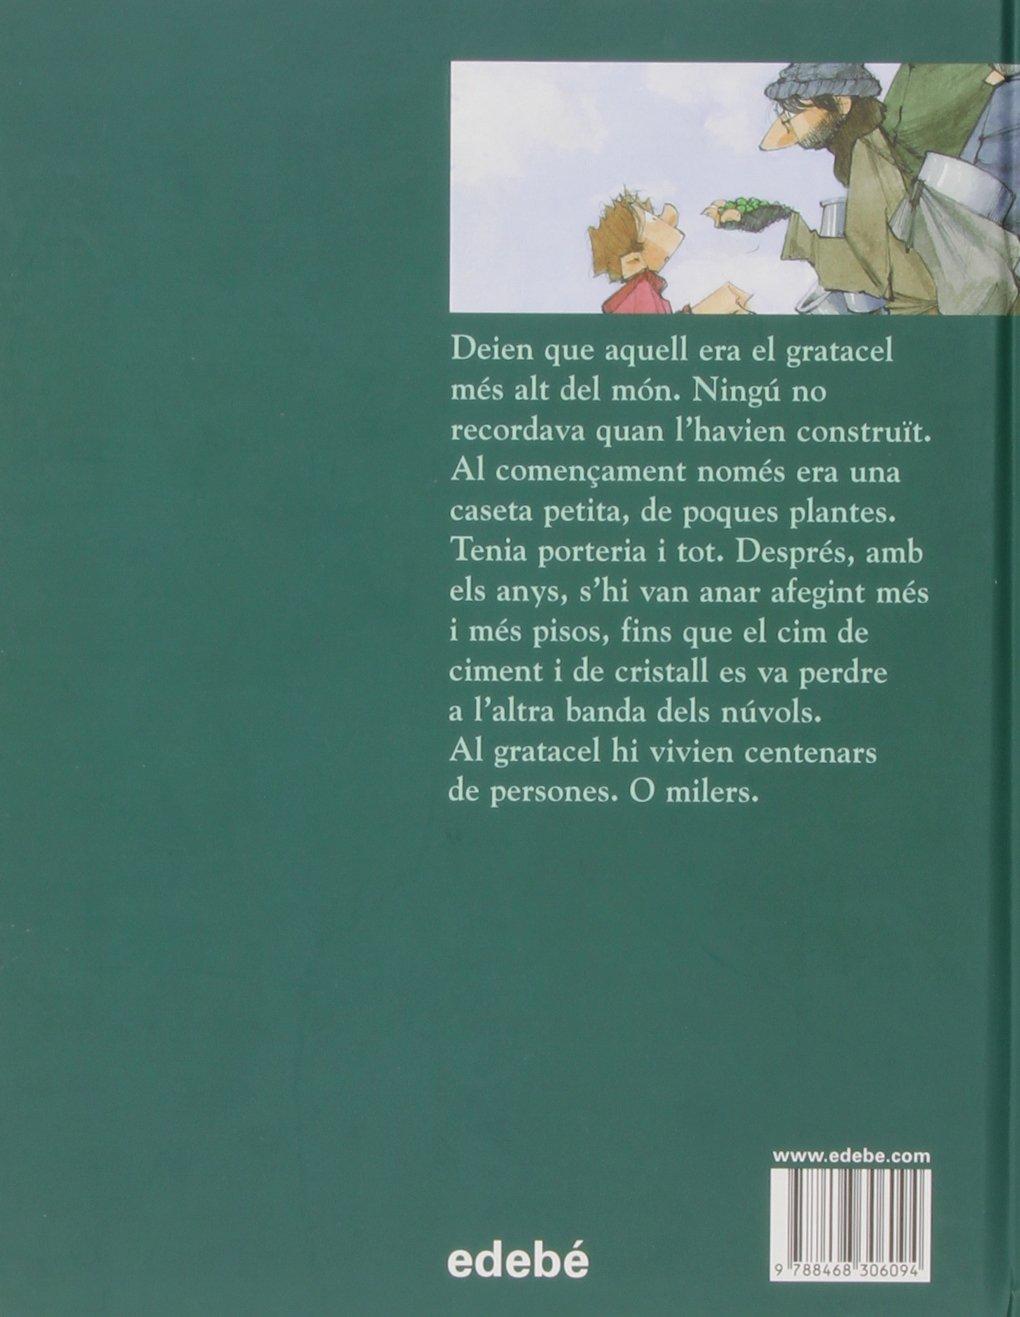 Clásic segle XXI: Les mongetes mà giques, por Jordi Sierra i Fabra (Contes tradicionals per al segle XXI): 9788468306094: Amazon.com: Books